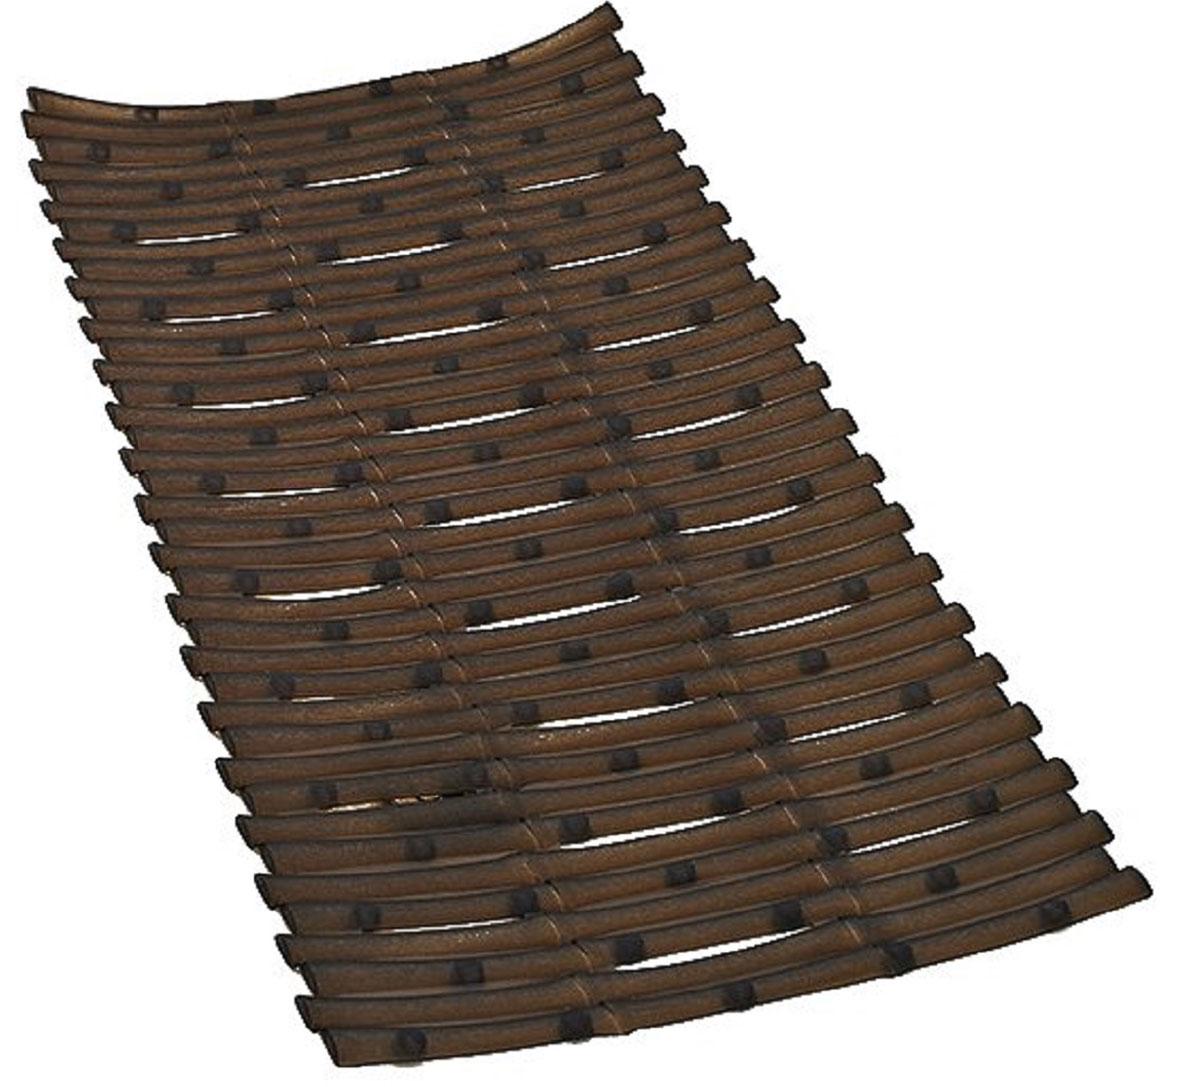 Коврик для ванной Ridder Bambus, противоскользящий, цвет: коричневый, 40 х 81 см61808Высококачественные немецкие коврики Bambus созданы для вашего удобства. Состав и свойства противоскользящих ковриков:ПВХ с защитой от плесени и грибка,Имеются присоски для крепления.Безопасность изделия соответствует стандартам LGA (Германия).